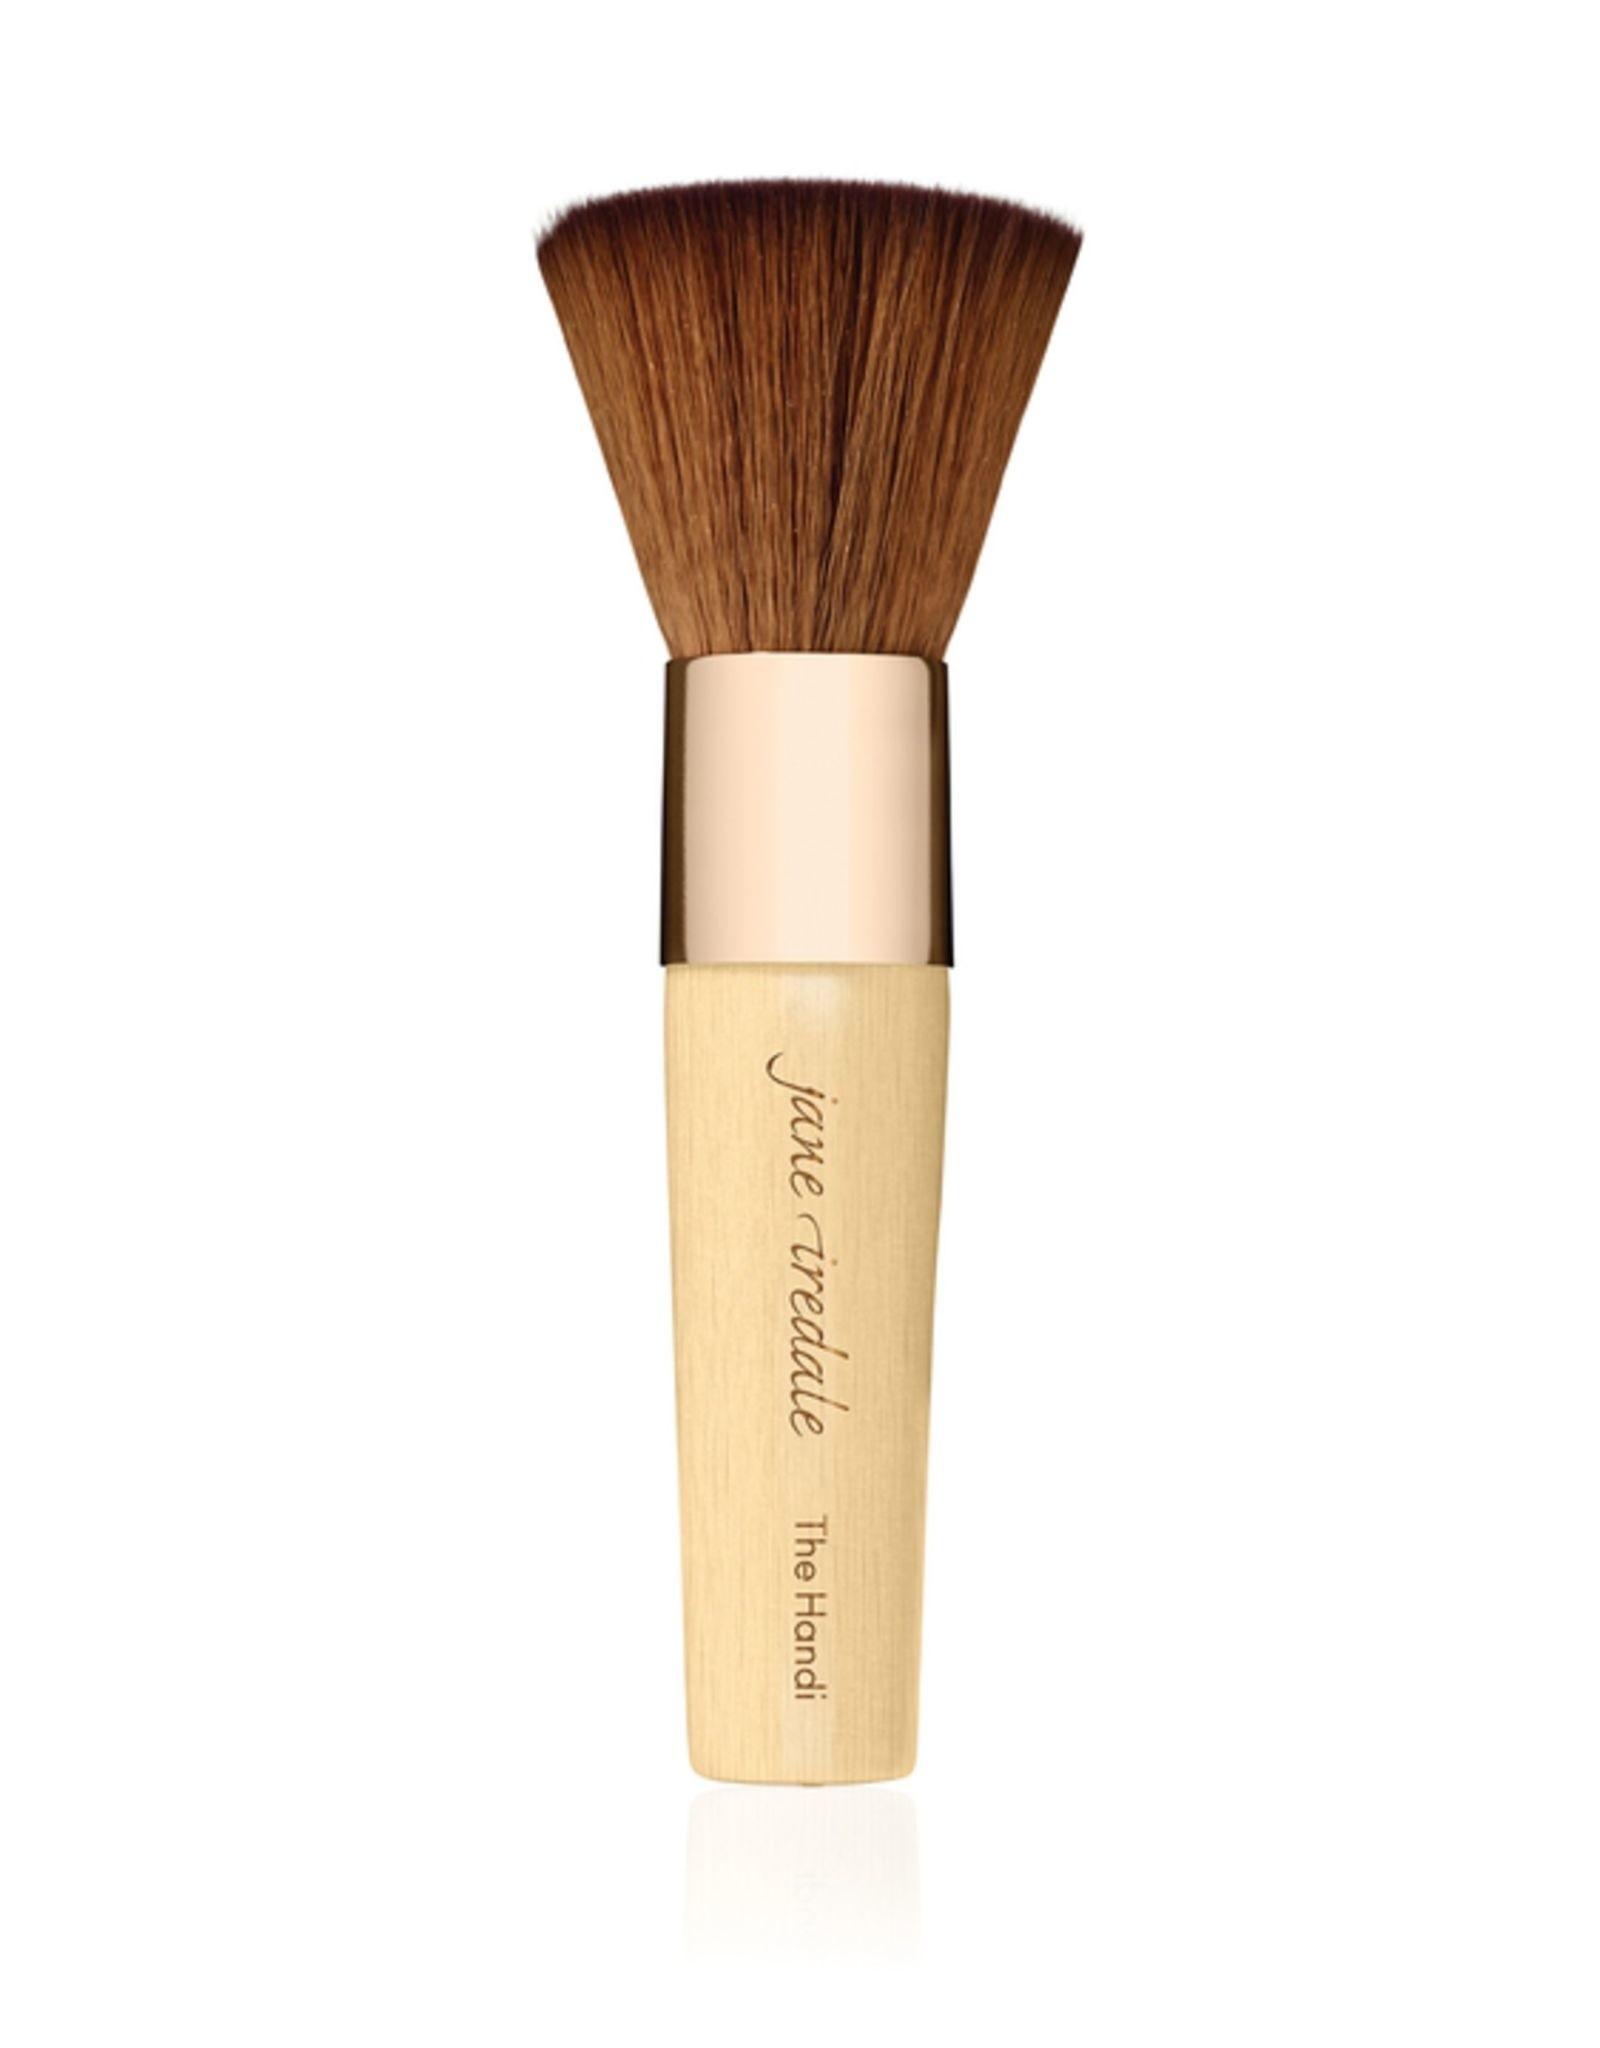 Jane Iredale The Handi™ Brush